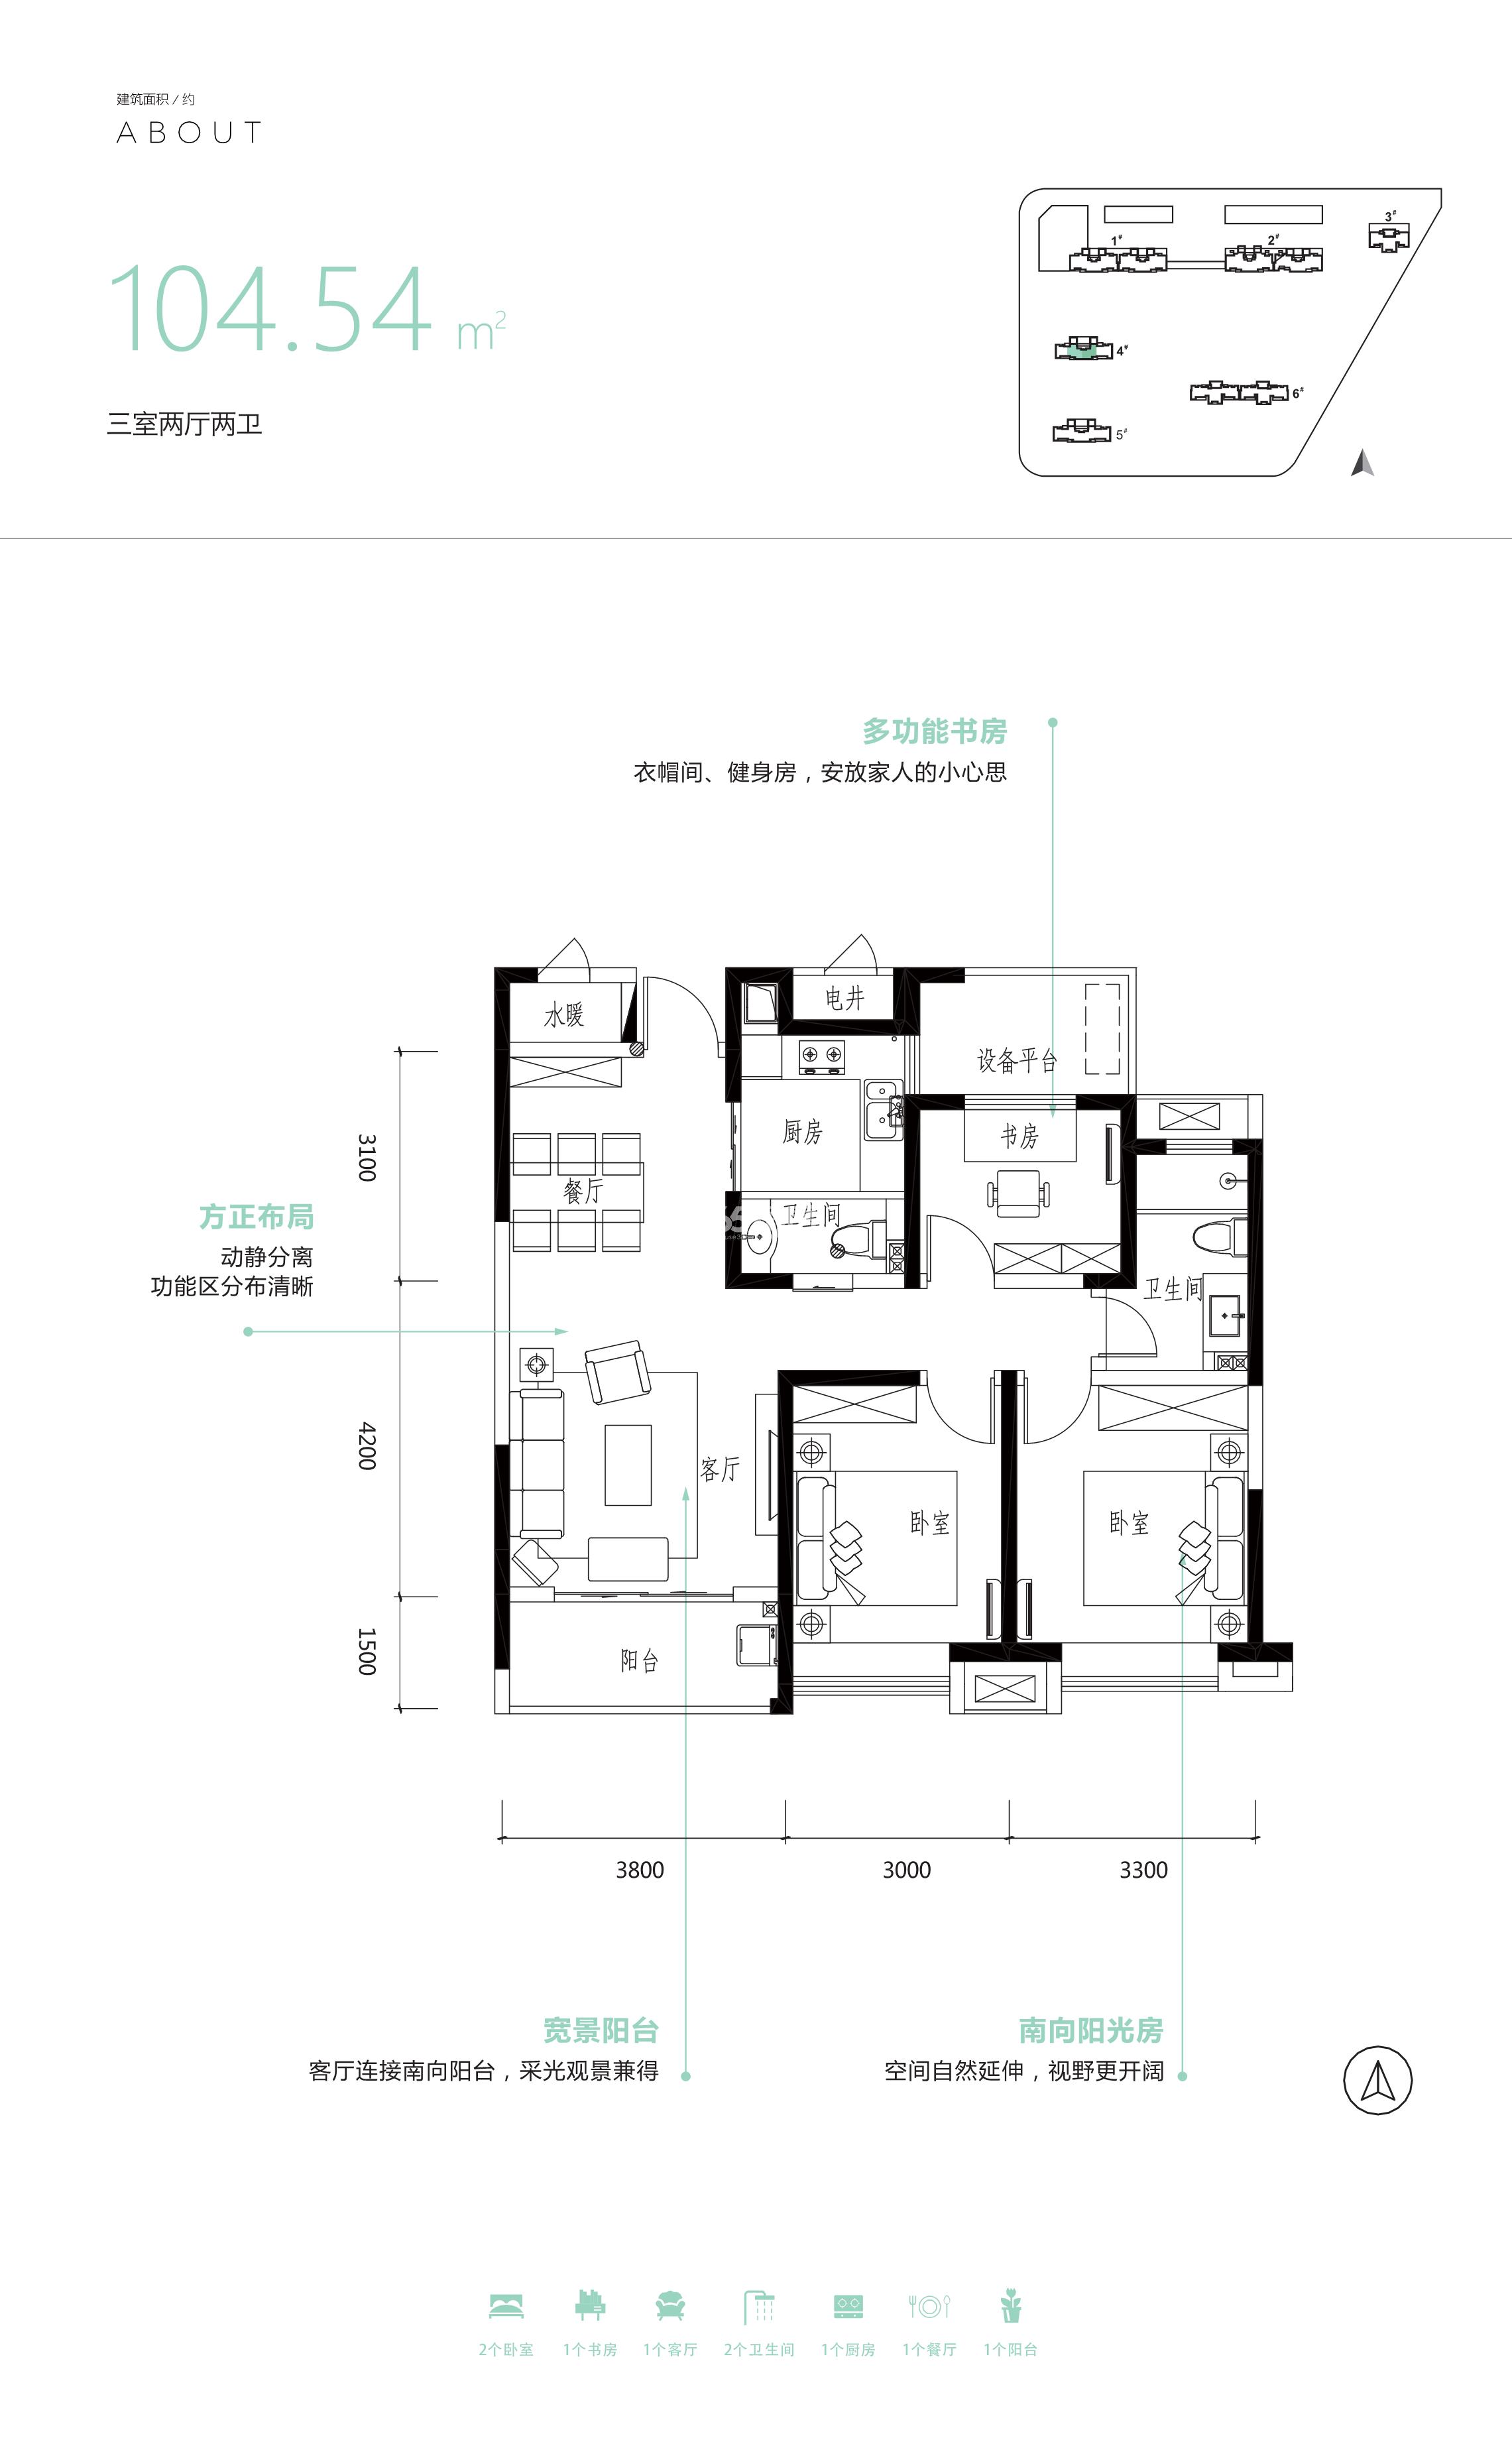 启迪大院儿104.54㎡三室两厅两卫户型图